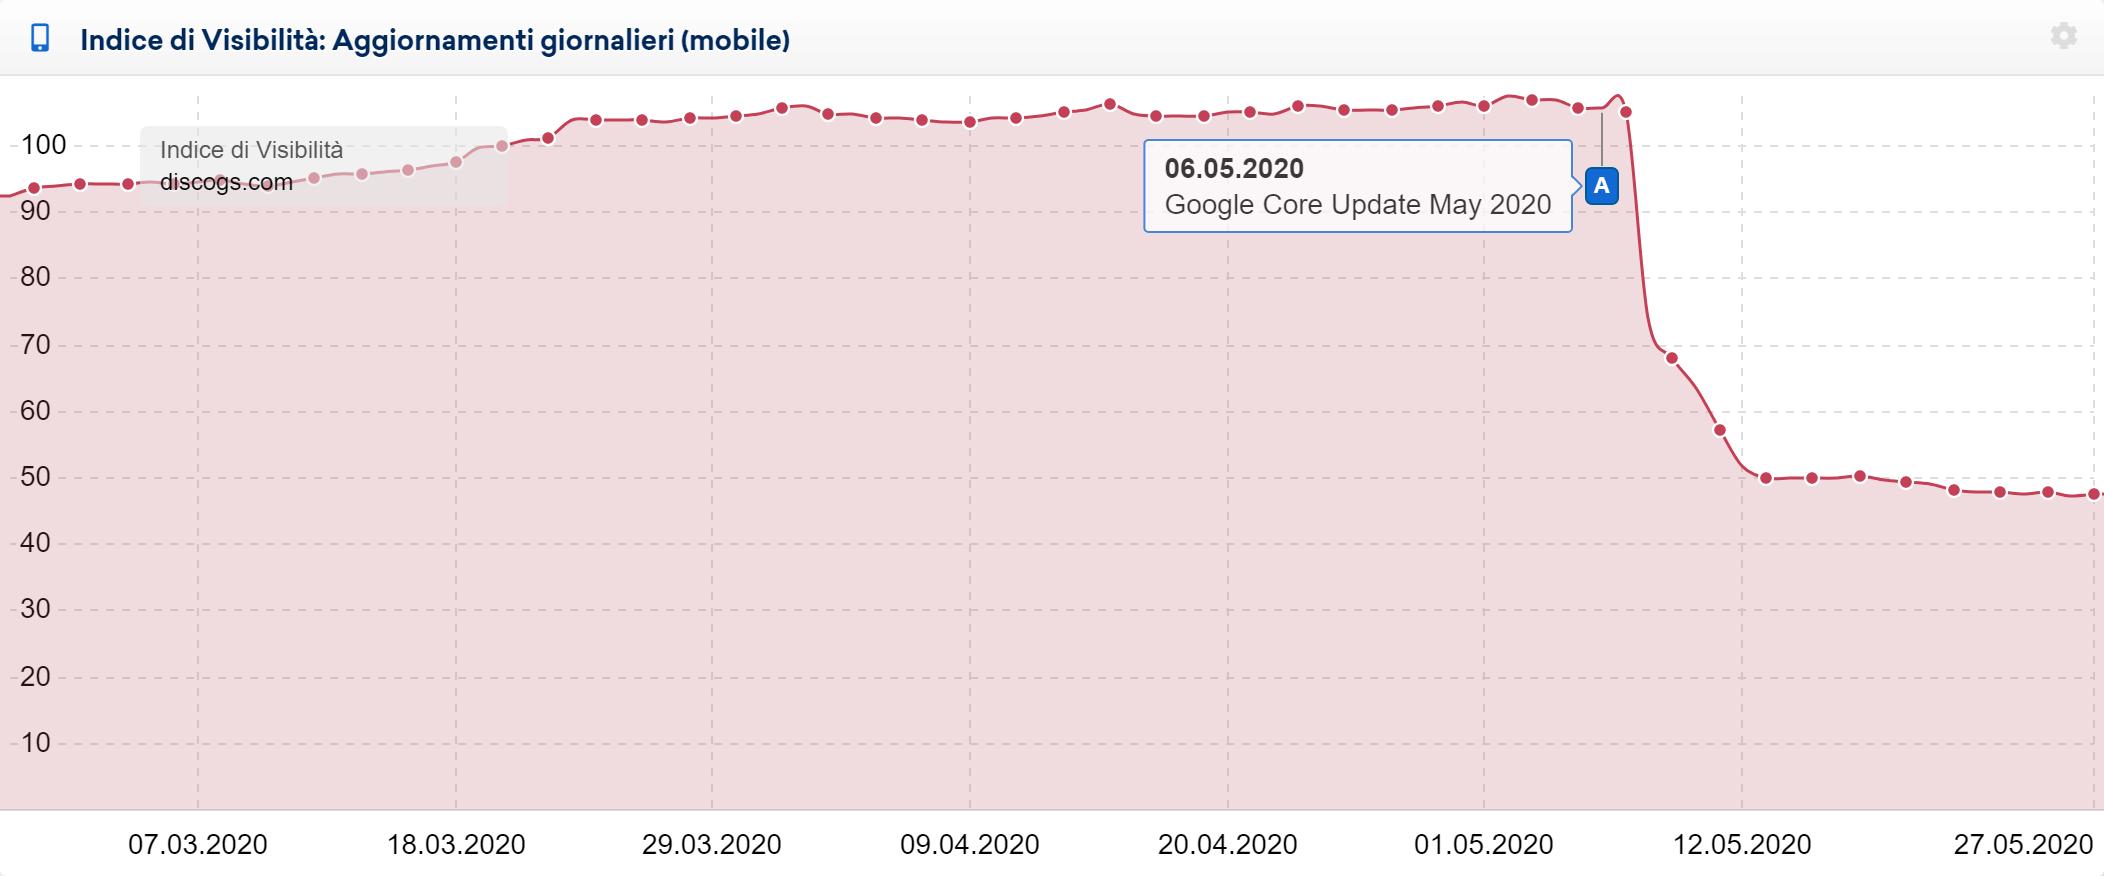 Indice di Visibilità di discogs.com: impatto del May 2020 Core Update